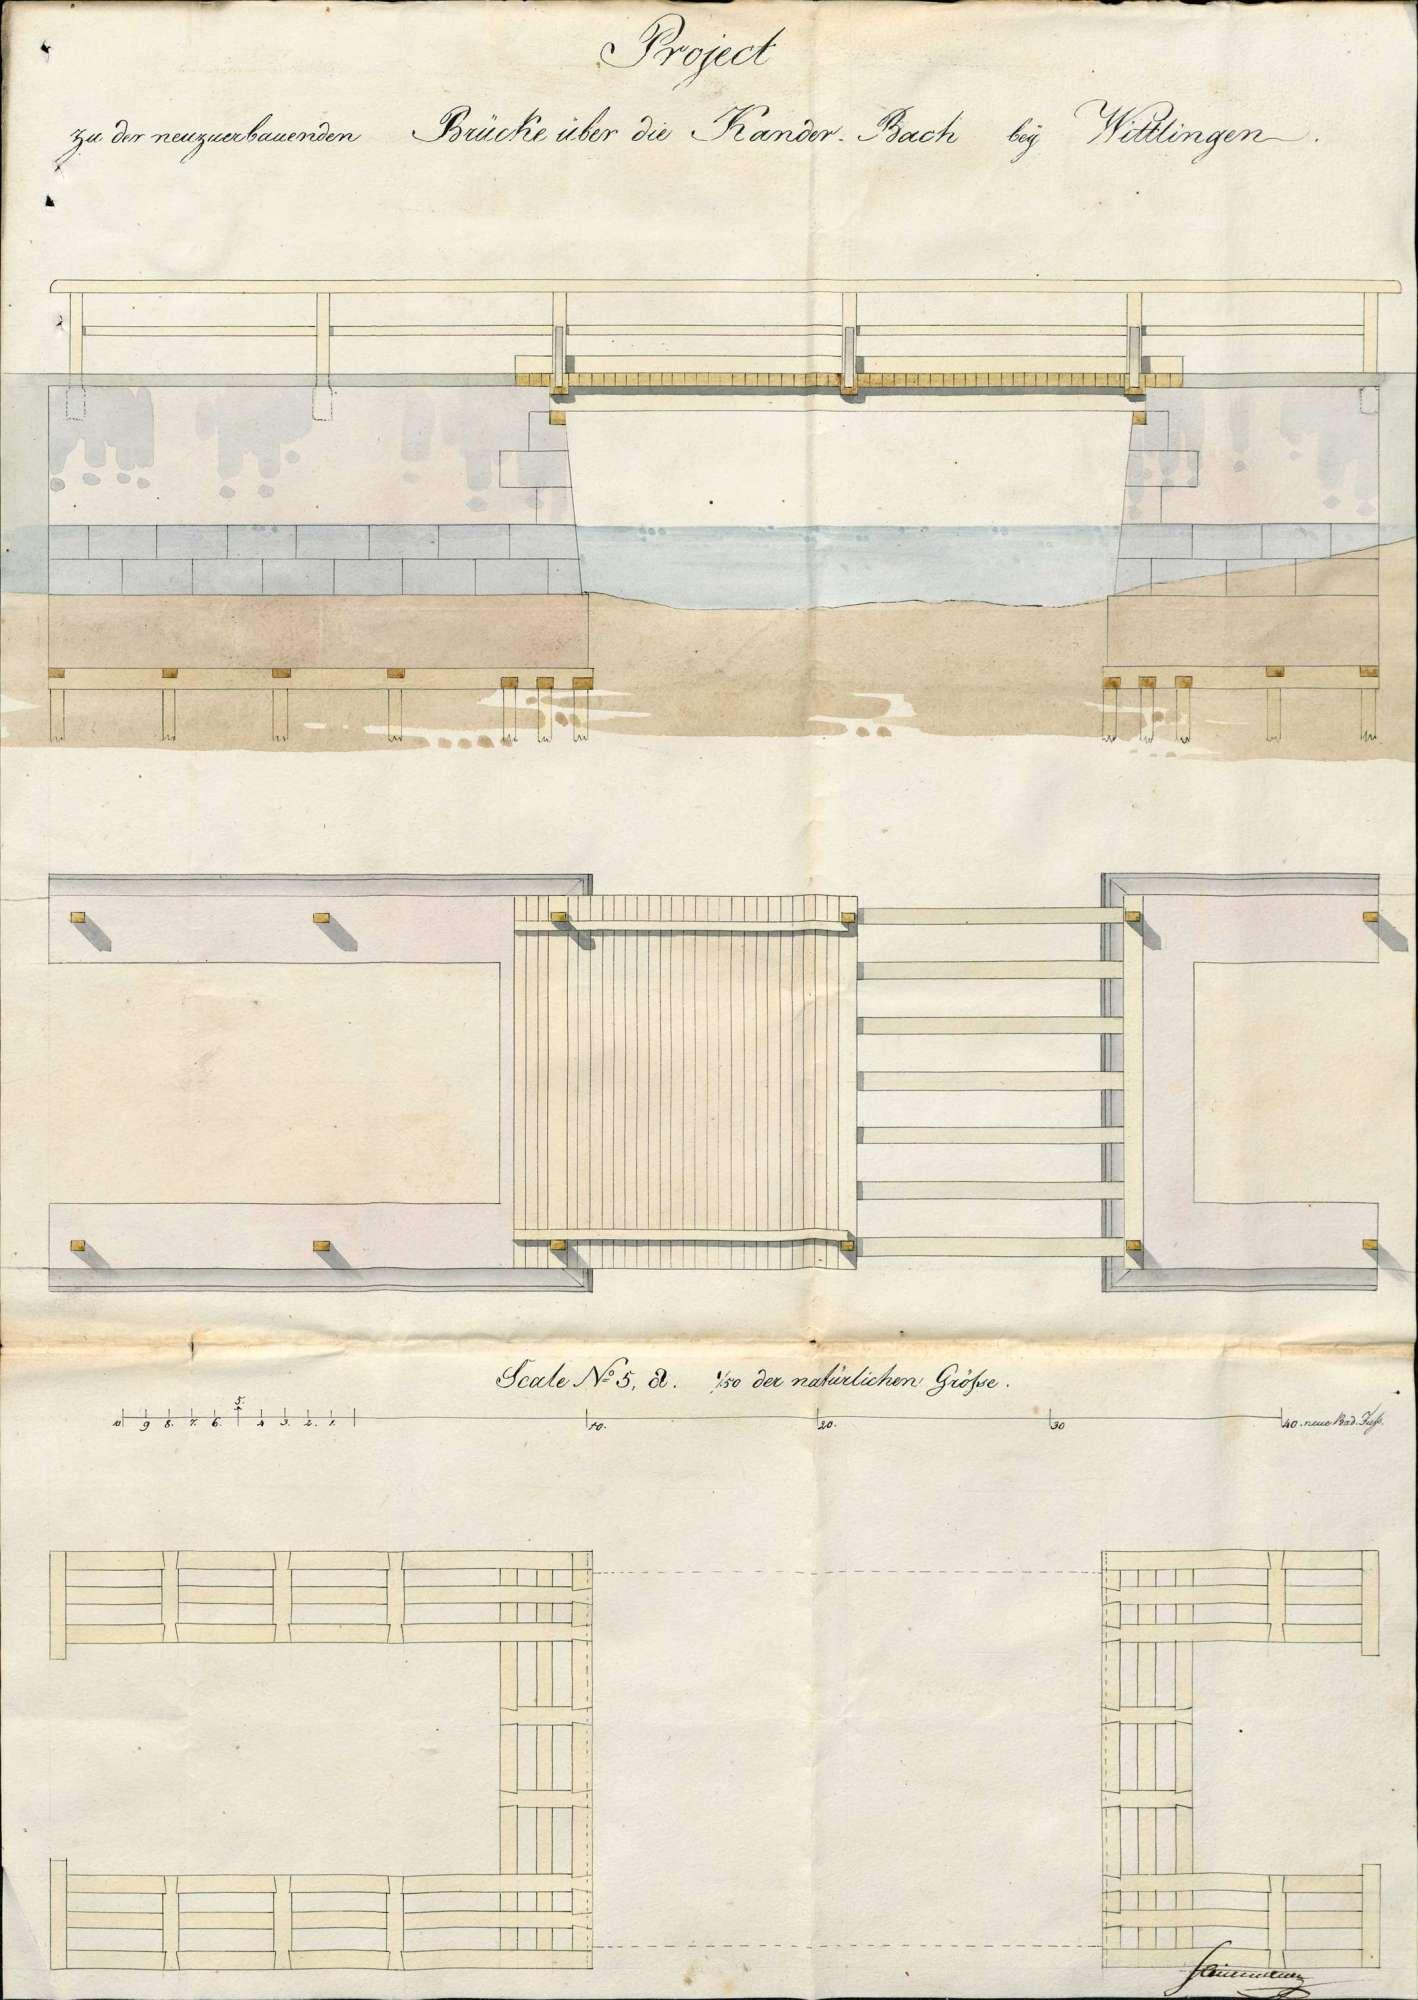 Erbauung und Unterhaltung der Brücke über die Kander bei Wittlingen, Bild 1